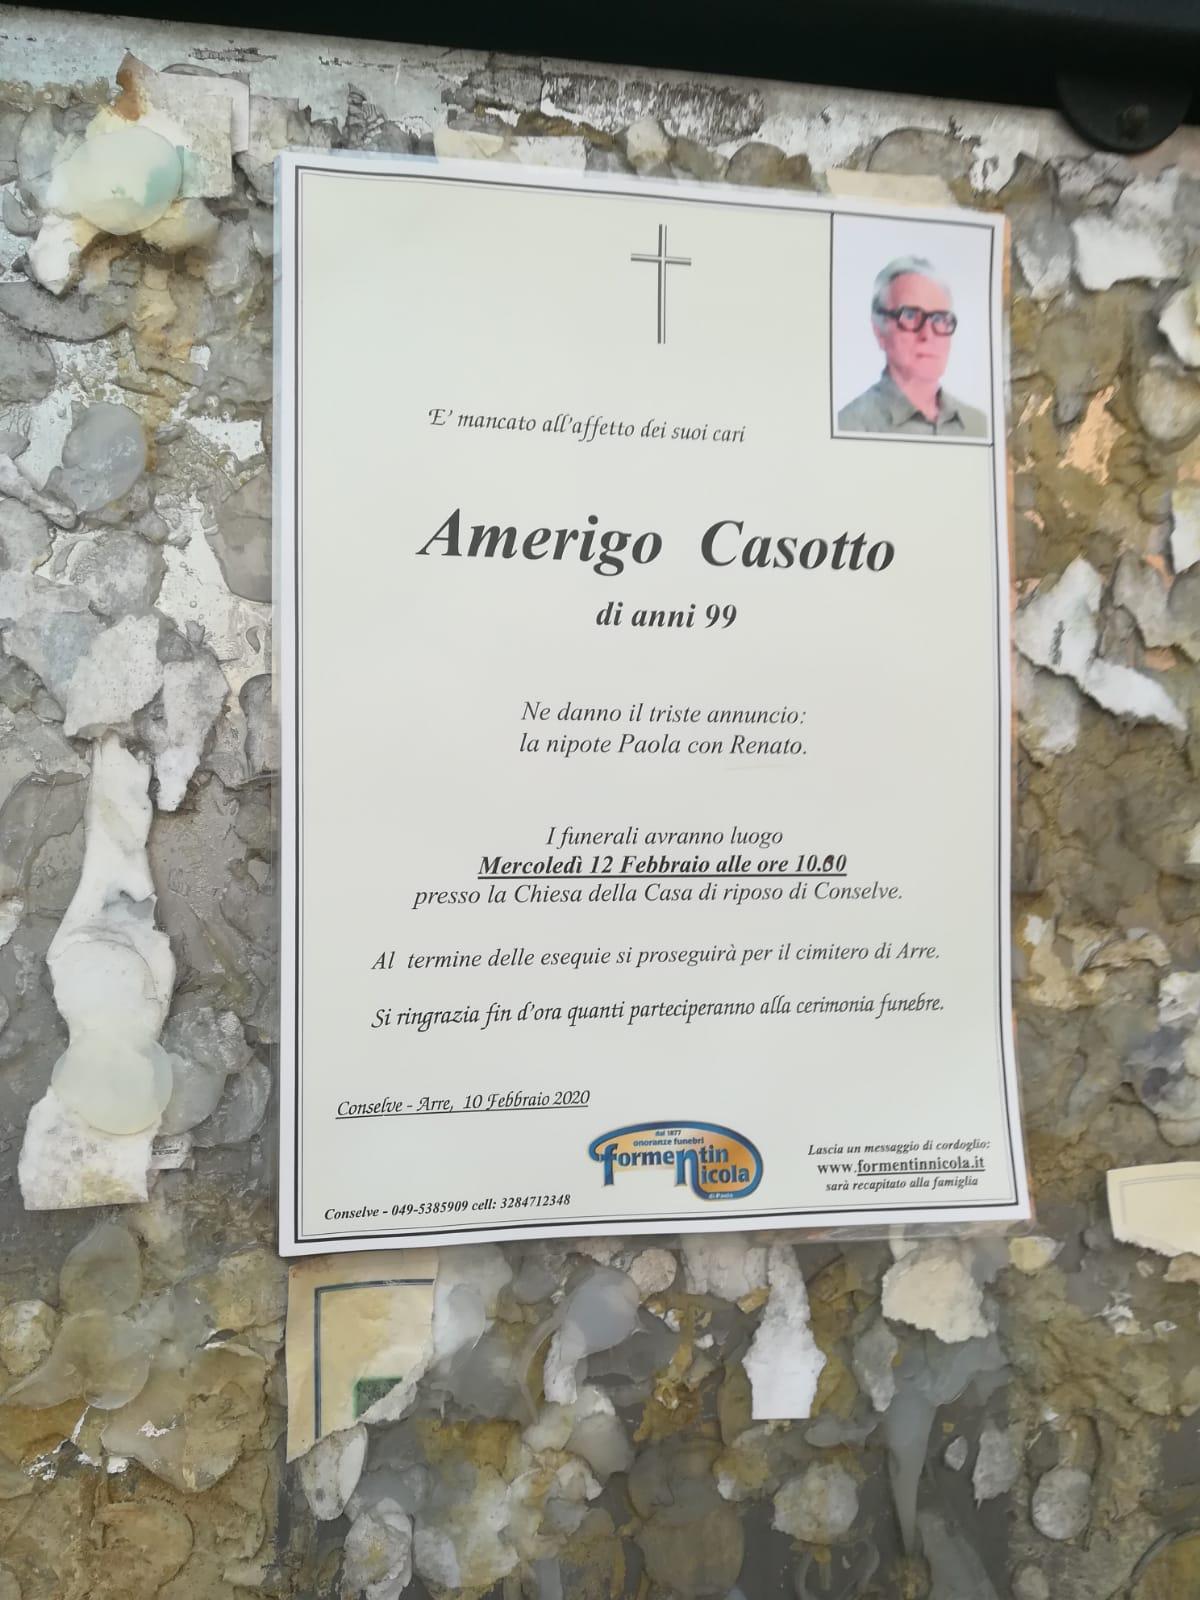 Amerigo Casotto